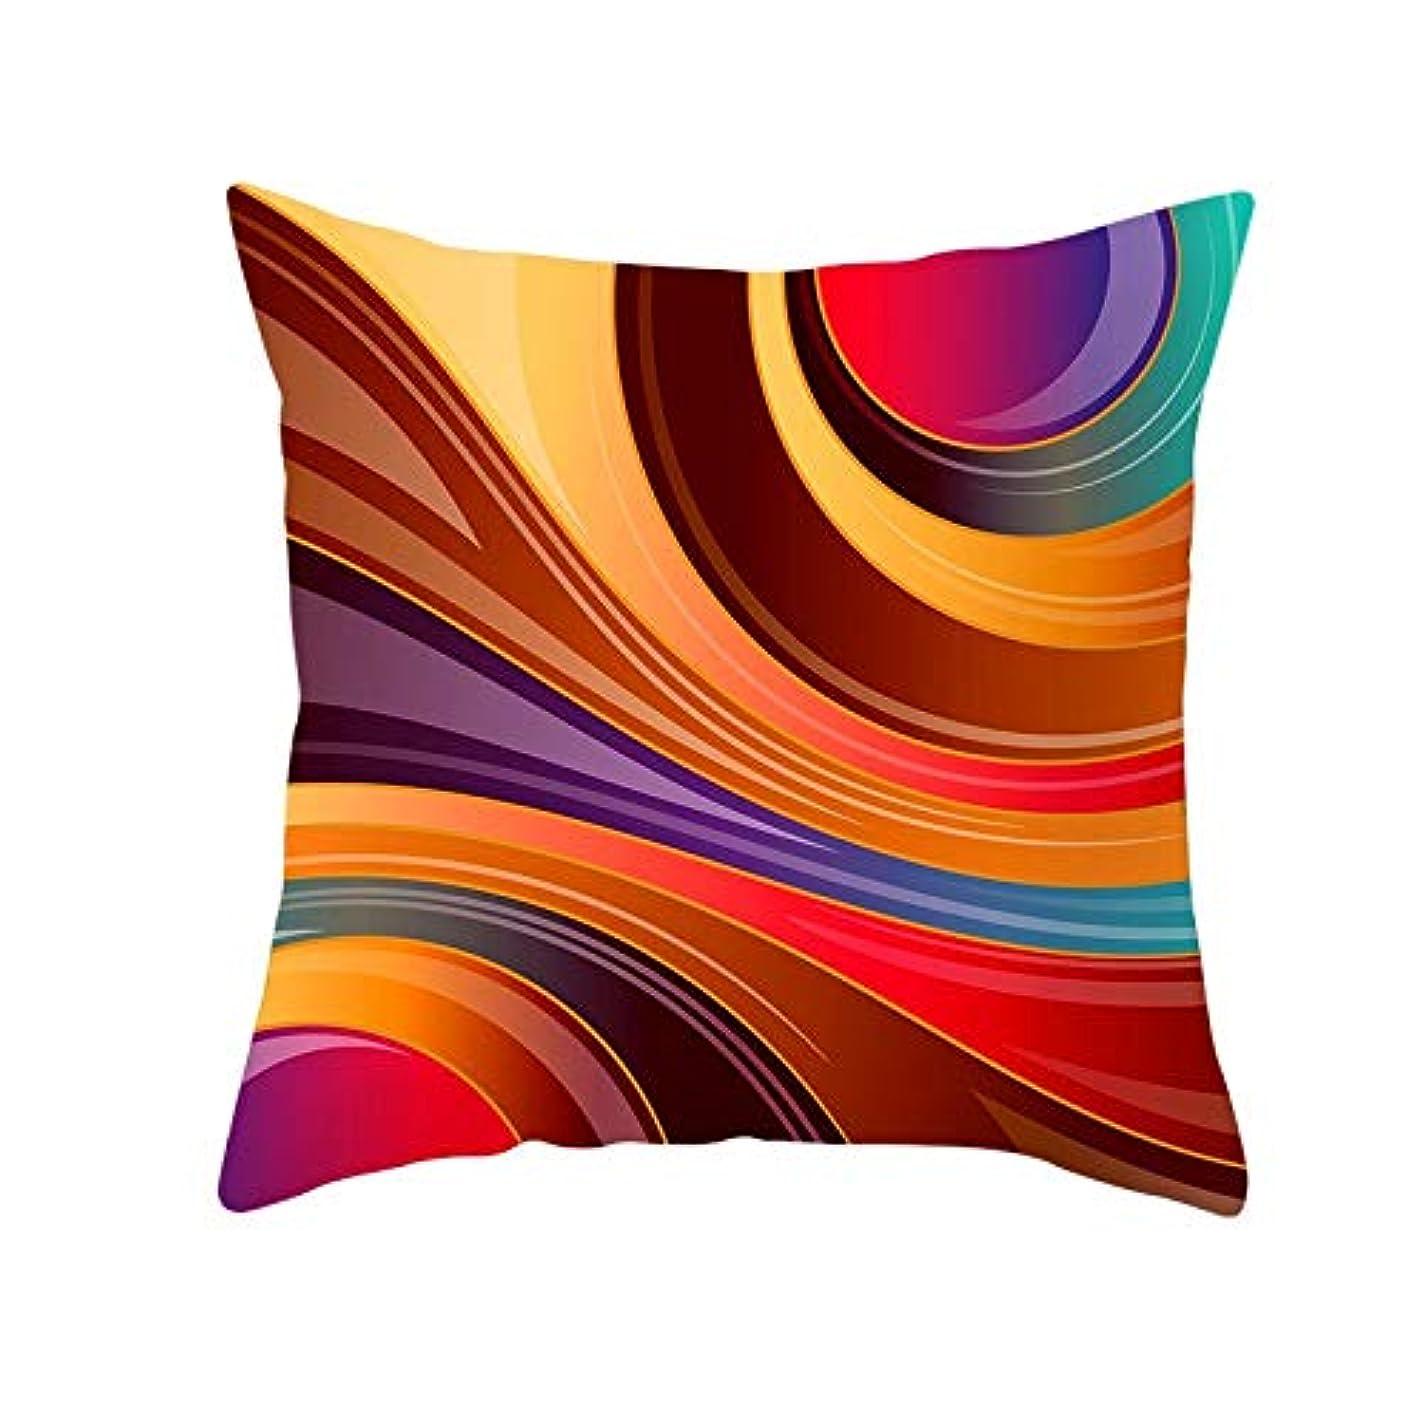 世辞感じる多分LIFE 装飾クッションソファ 幾何学プリントポリエステル正方形の枕ソファスロークッション家の装飾 coussin デ長椅子 クッション 椅子